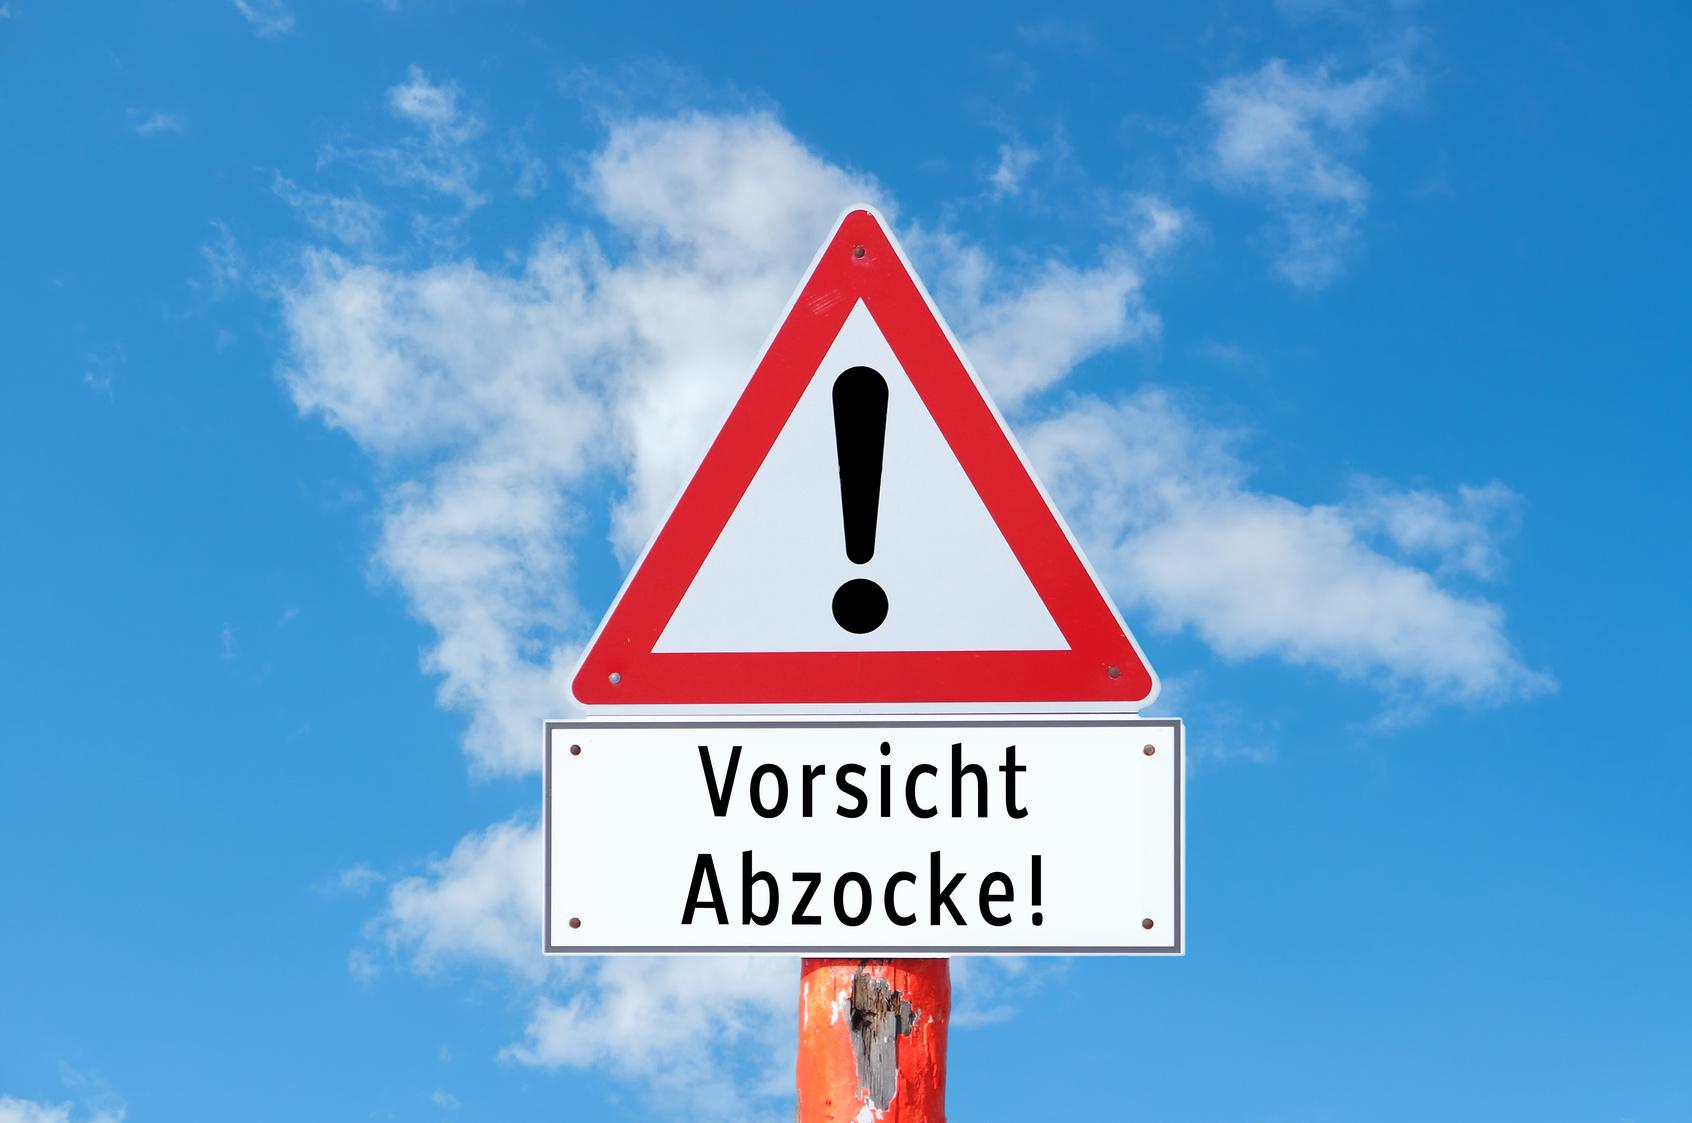 Warnung vor Abzocker-Masche mit unerwünschten Telefonanrufen